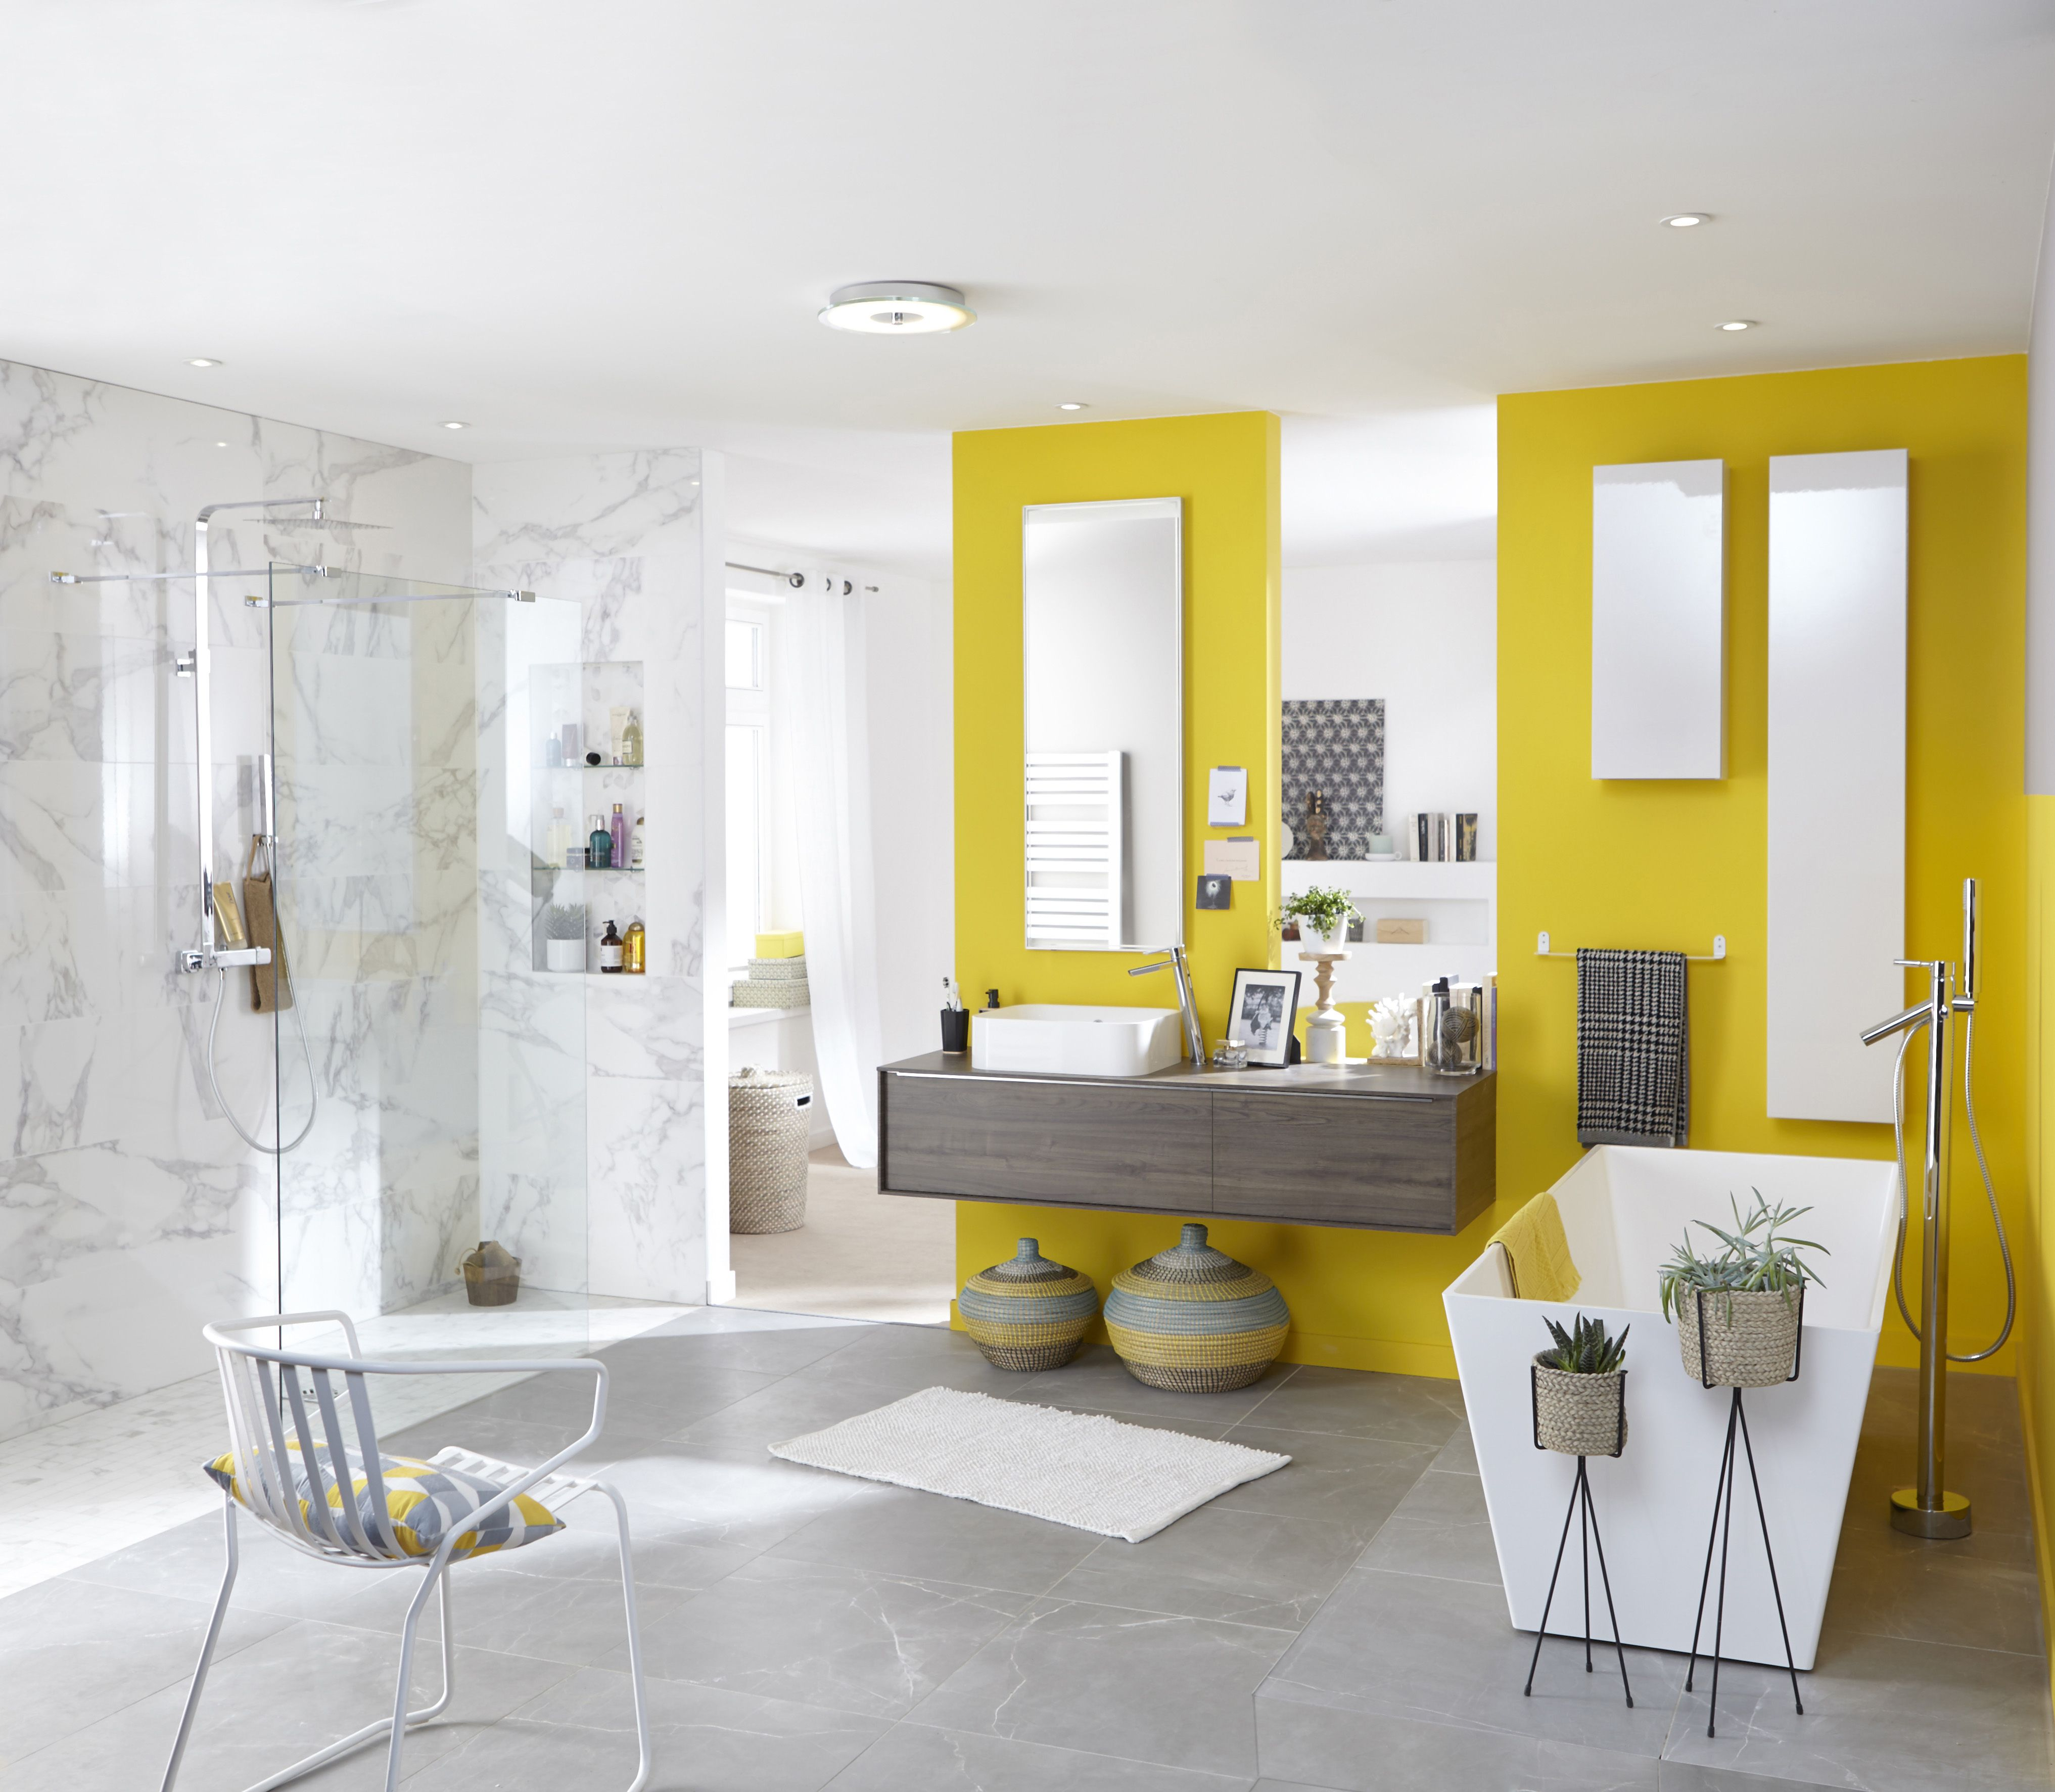 salle de bains grise et jaune avec carrelage sol et mur. Black Bedroom Furniture Sets. Home Design Ideas